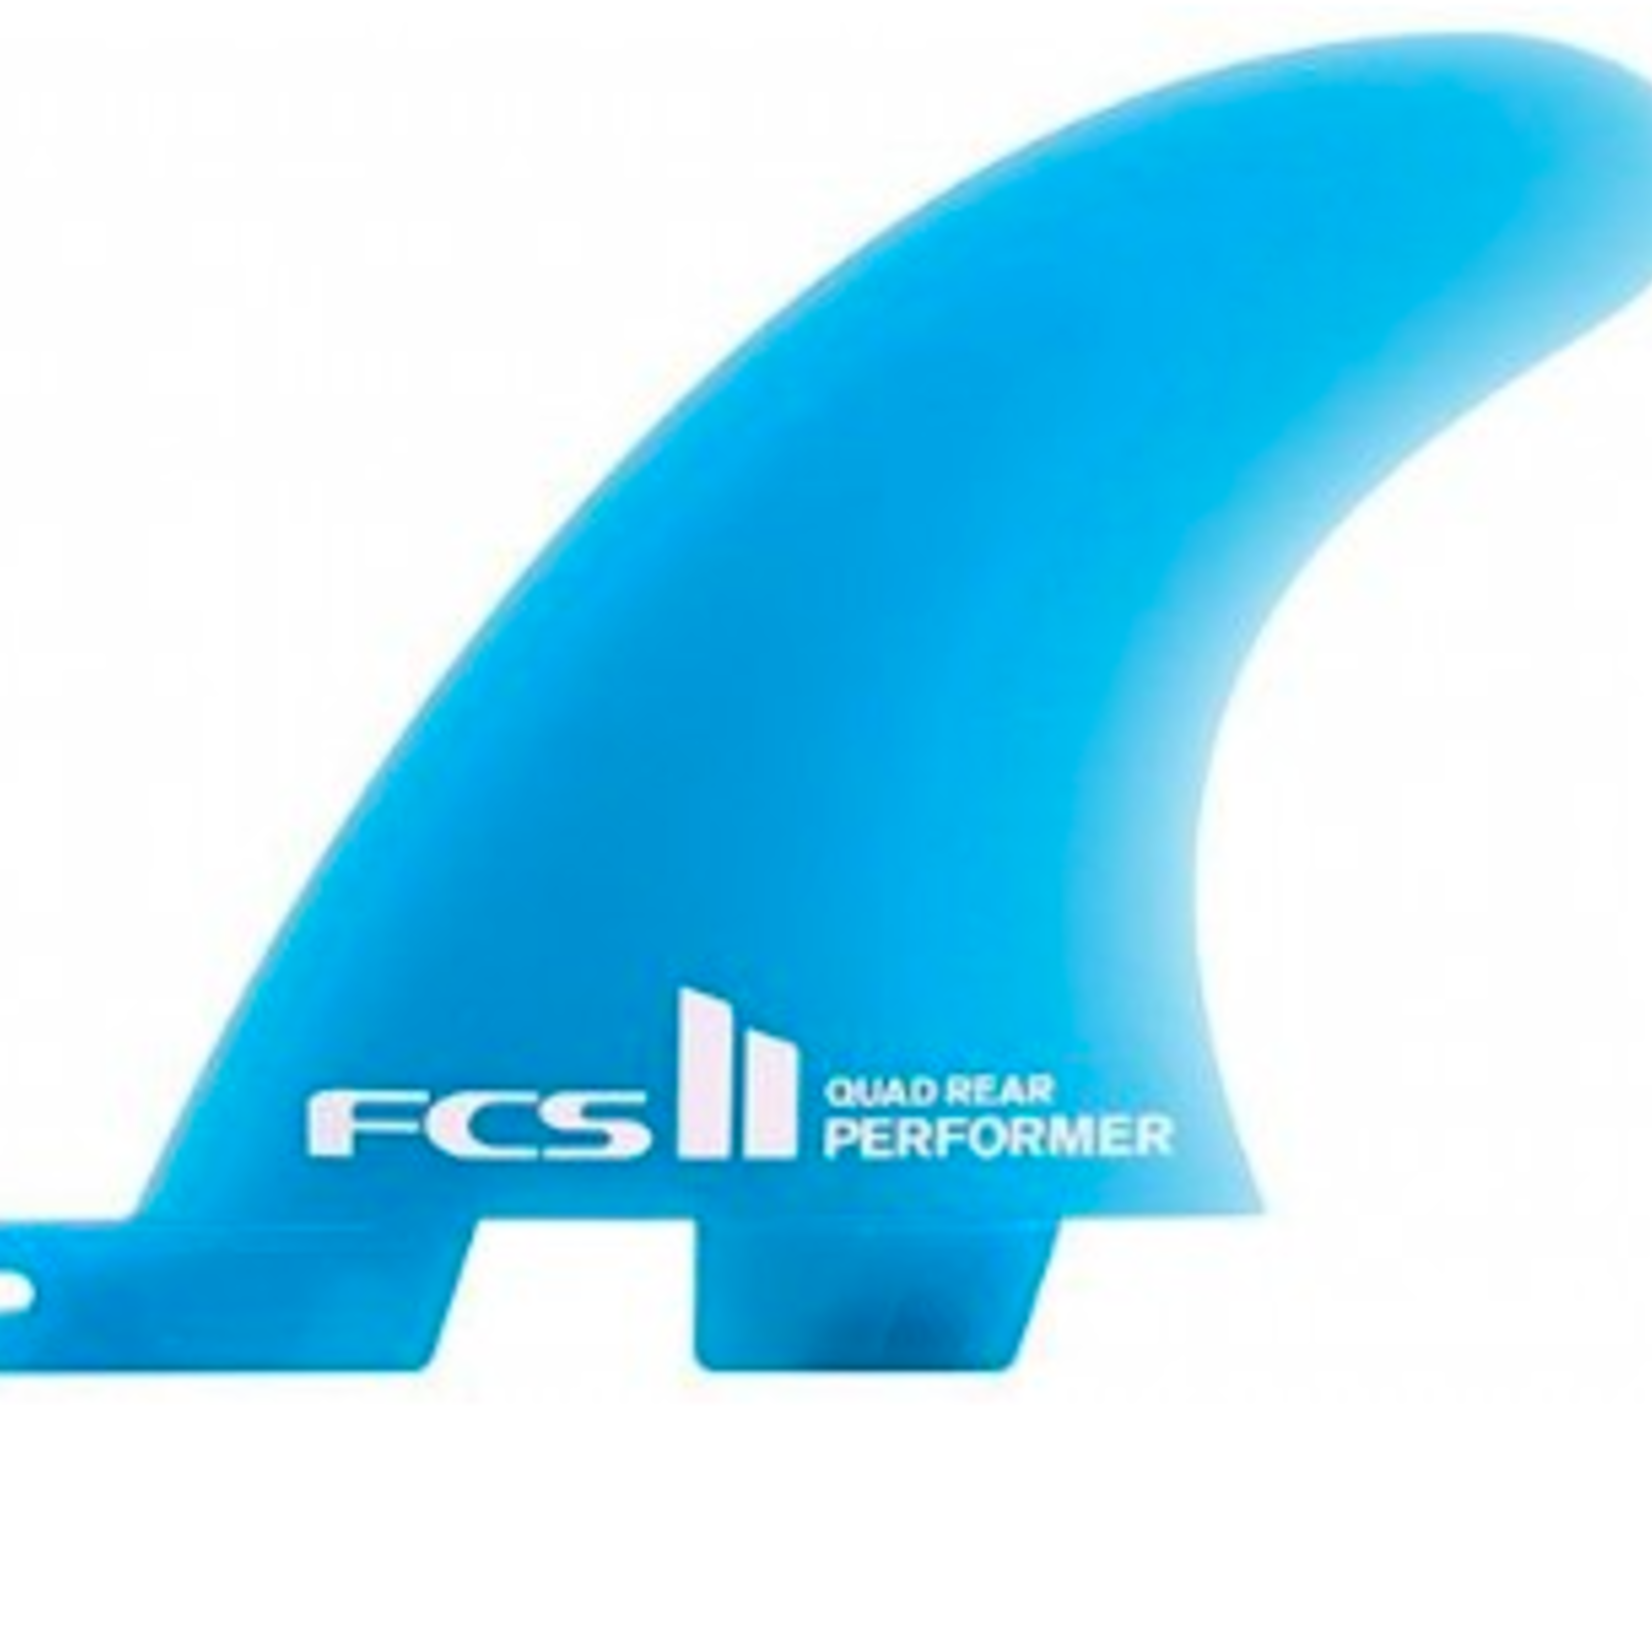 FCS II FCS II Performer Neo Glass Quad Rear Retail Fins